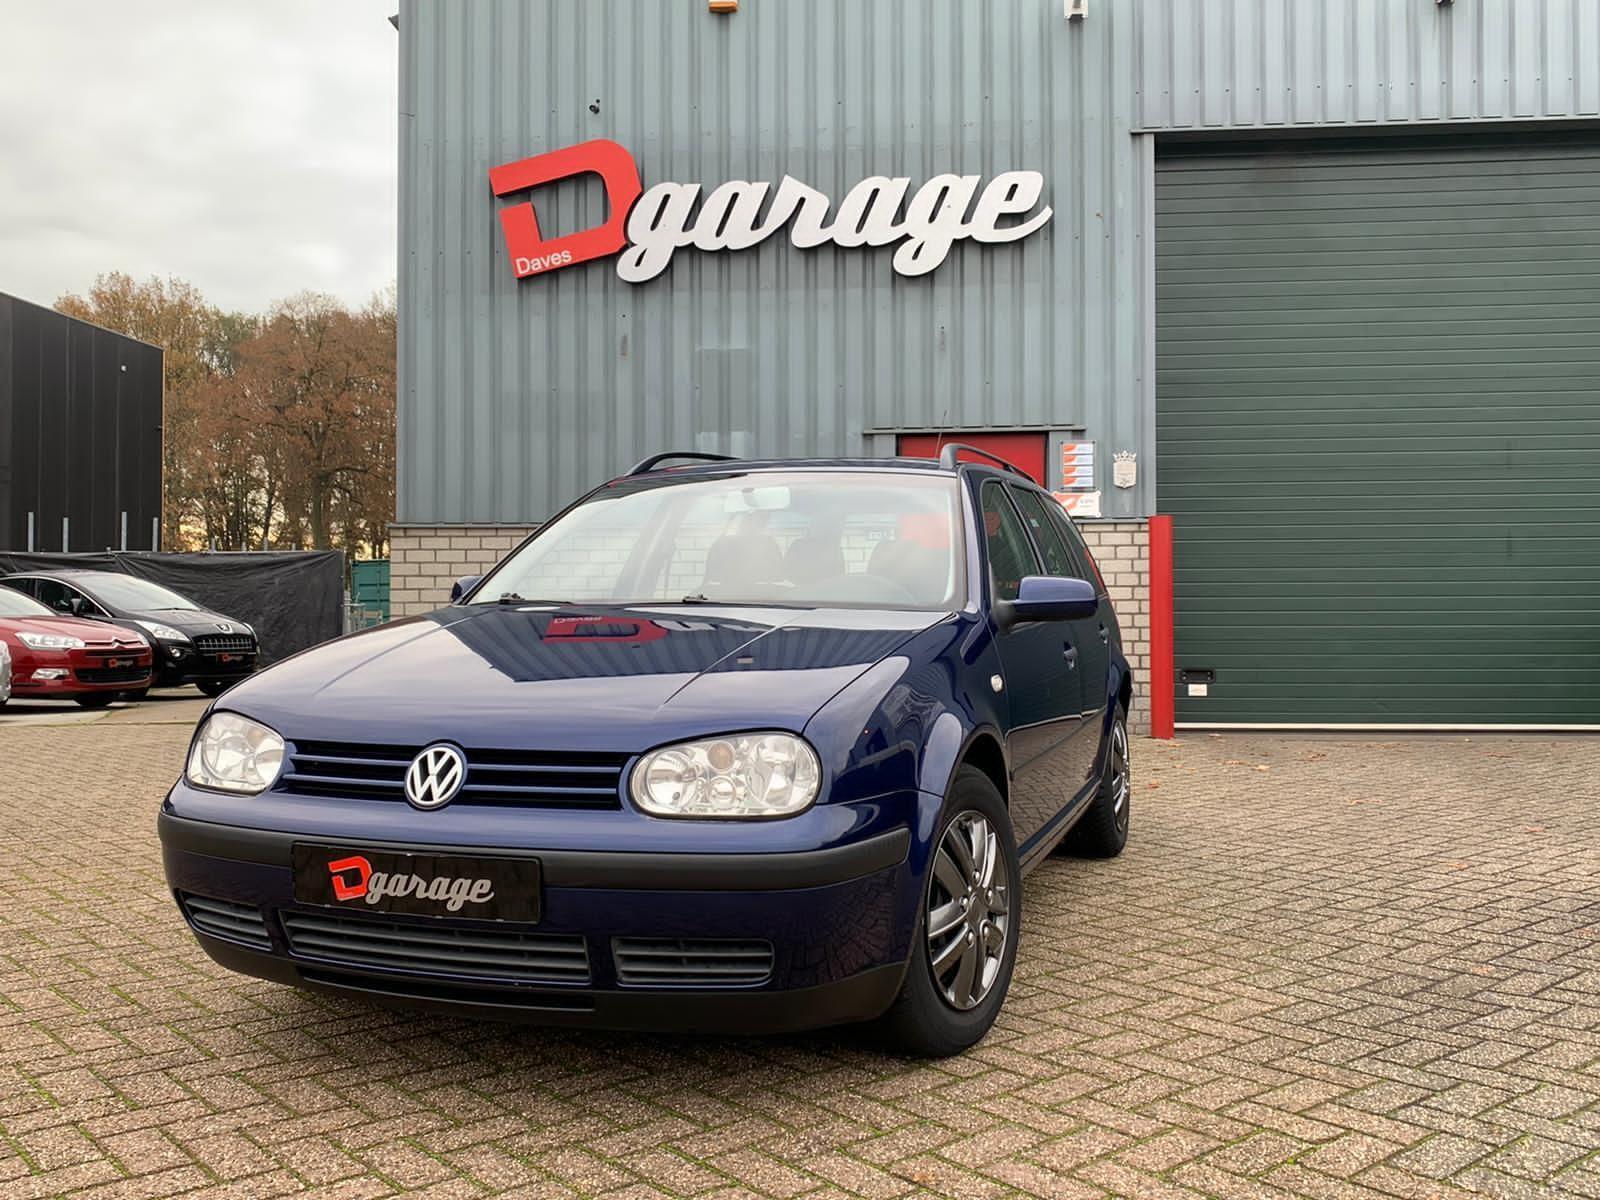 Volkswagen Golf Variant occasion - Dave's Garage